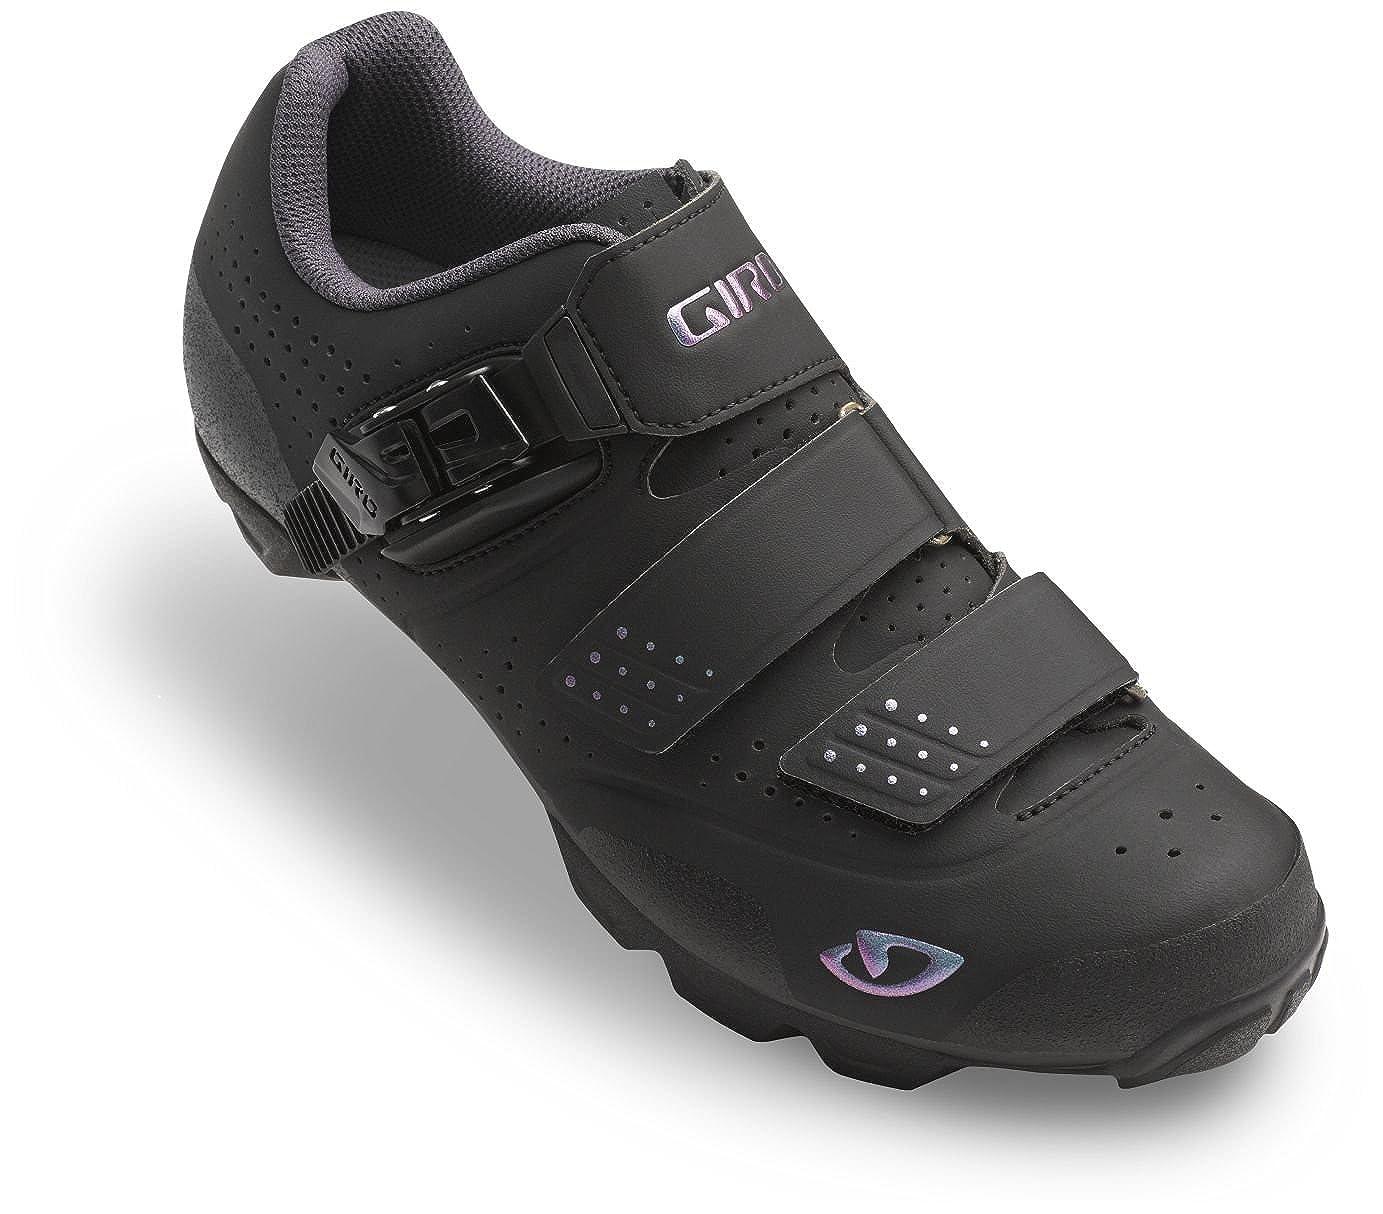 Giro Manta R Cycling Shoes – Women s